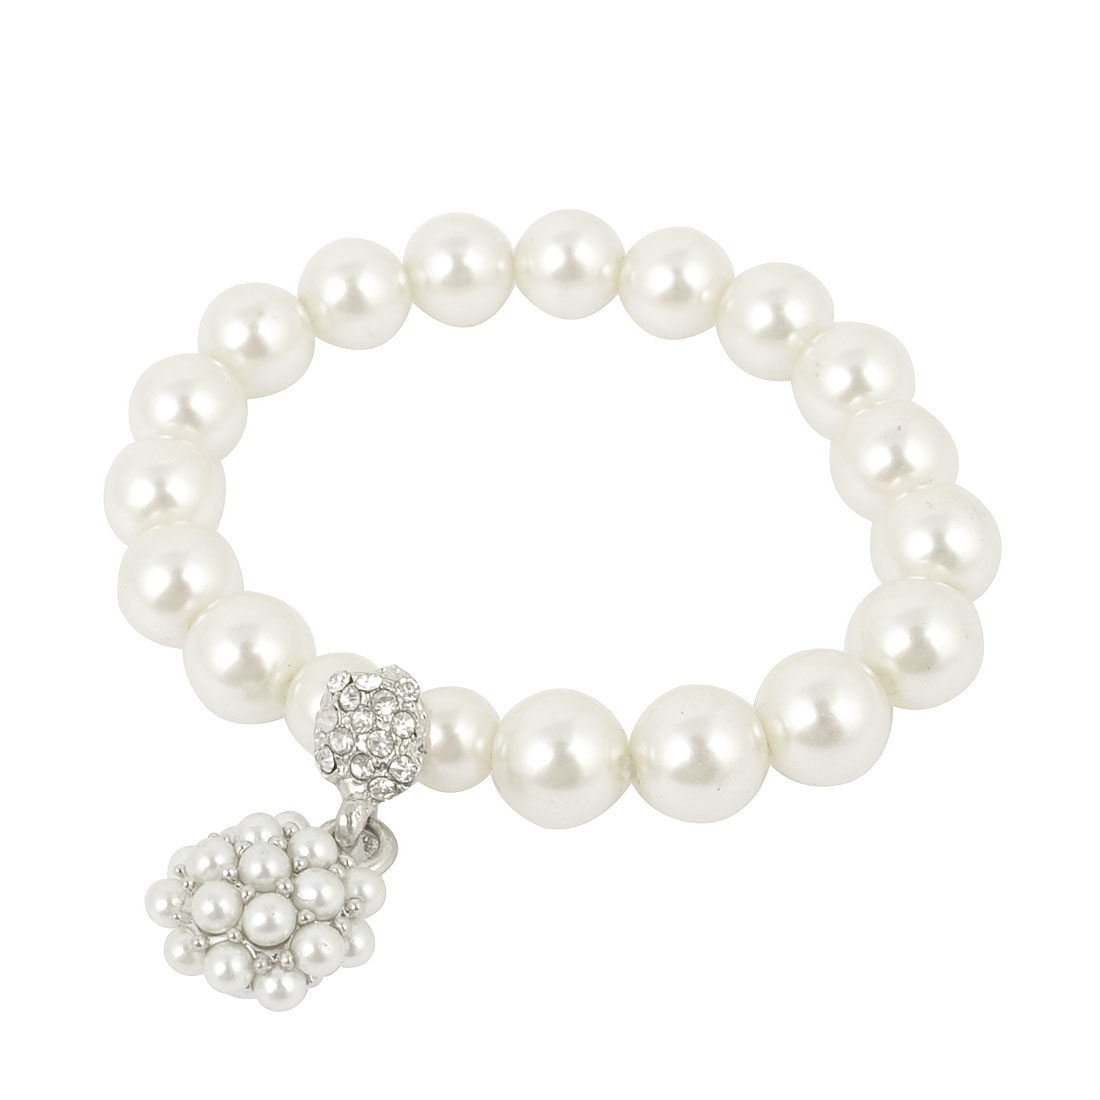 Women Faux Pearl Silver Tone Chain Bracelet Wrist Ornament White